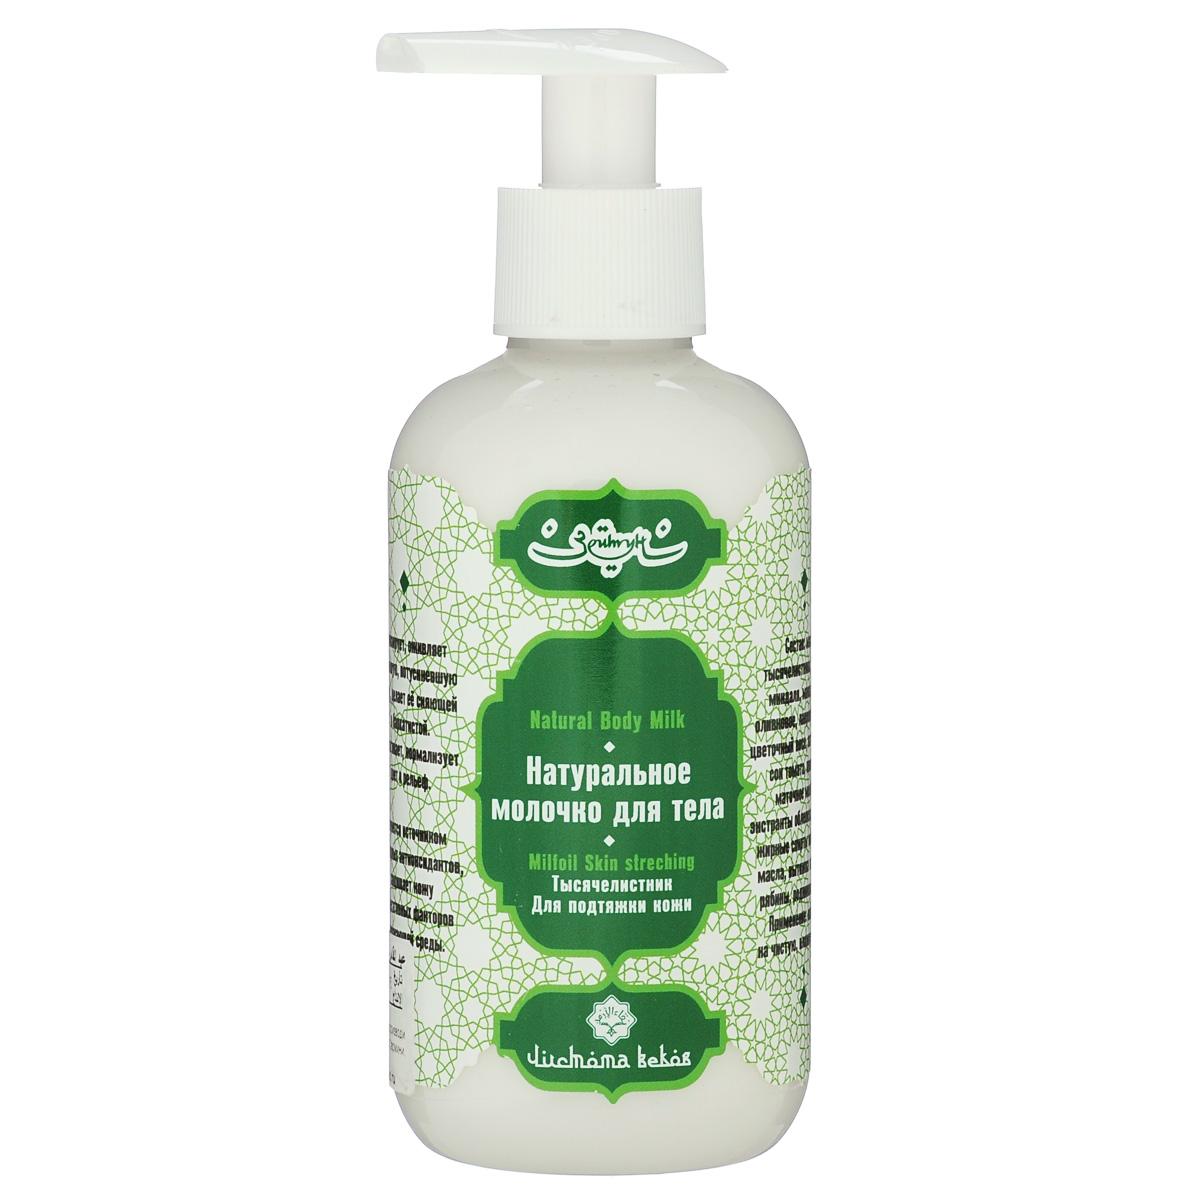 Зейтун Молочко для тела Тысячелистник, 200 мл72523WDТонизирует, оживляет уставшую, потускневшую кожу, делает её сияющей и бархатистой. Подтягивает, нормализует цвет и рельеф. Является источником природных антиоксидантов, защищает кожу от негативных факторов окружающей среды.